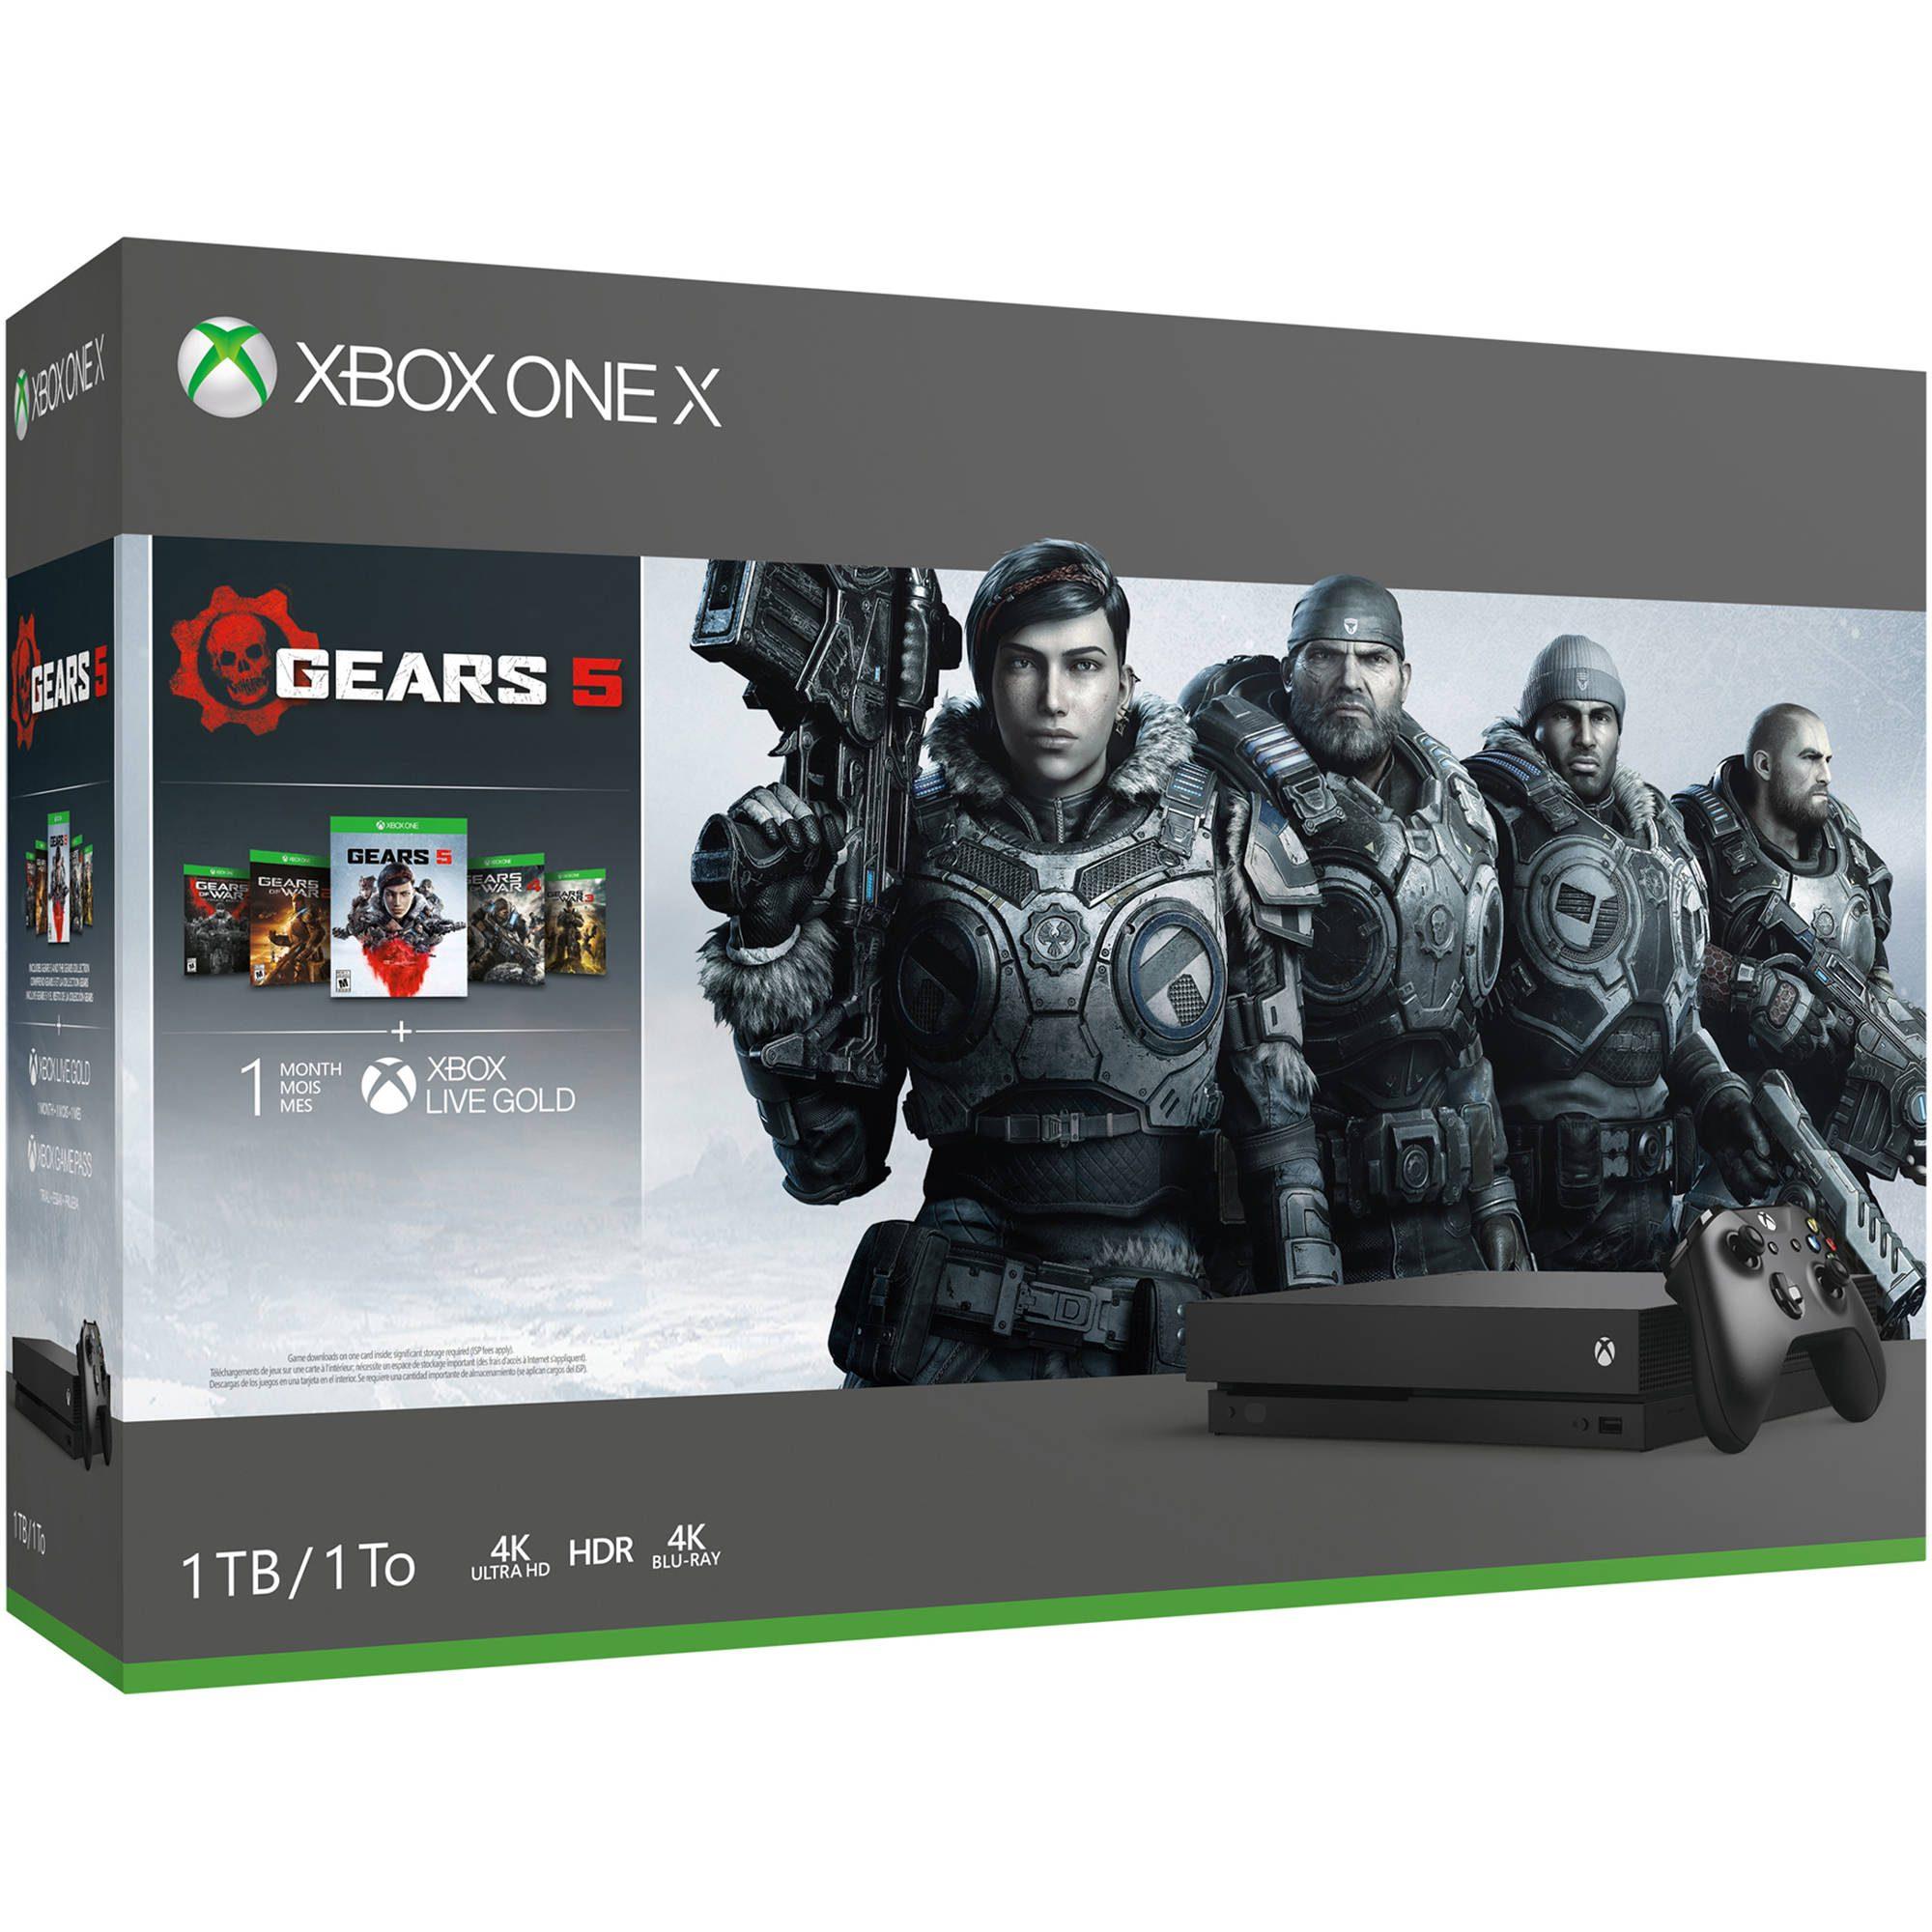 Los paquetes de Xbox One X ahora tienen un descuento de $ 100 en Microsoft Store 68